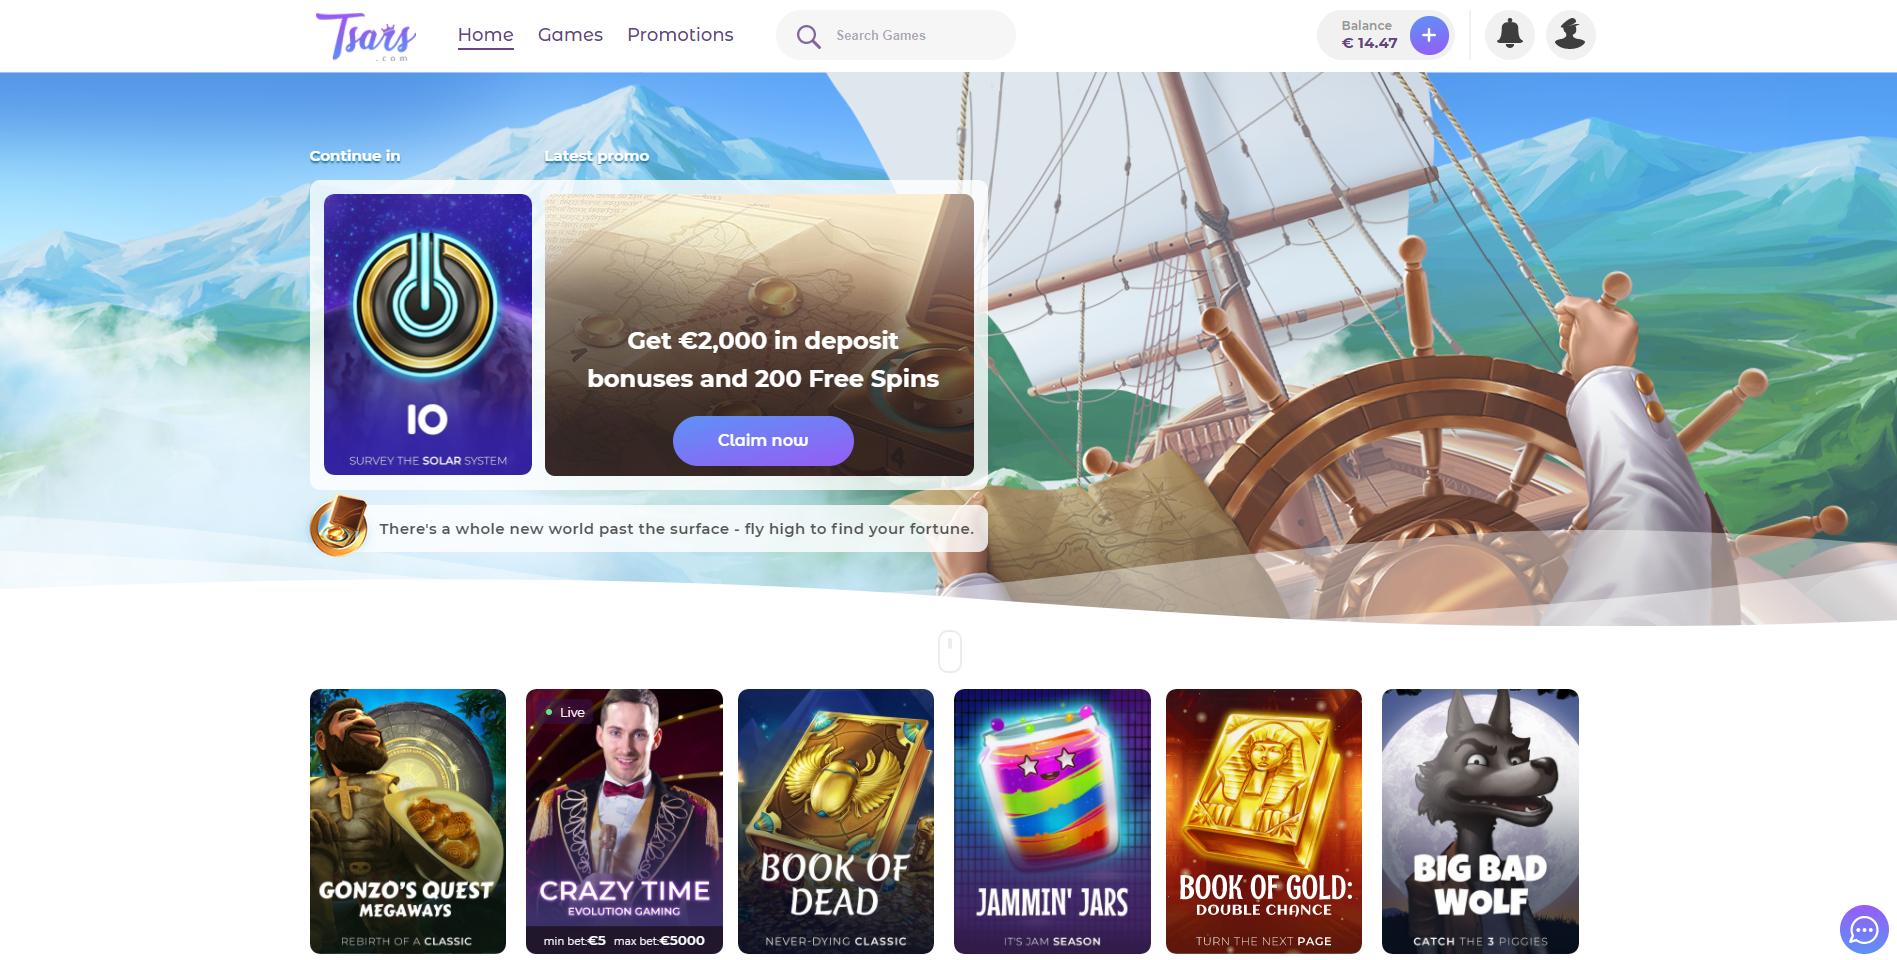 tsars casino žaidimų pasiūla kelionė nuotykiai pasaulio žemėlapis book of dead gonzo quest book of gold